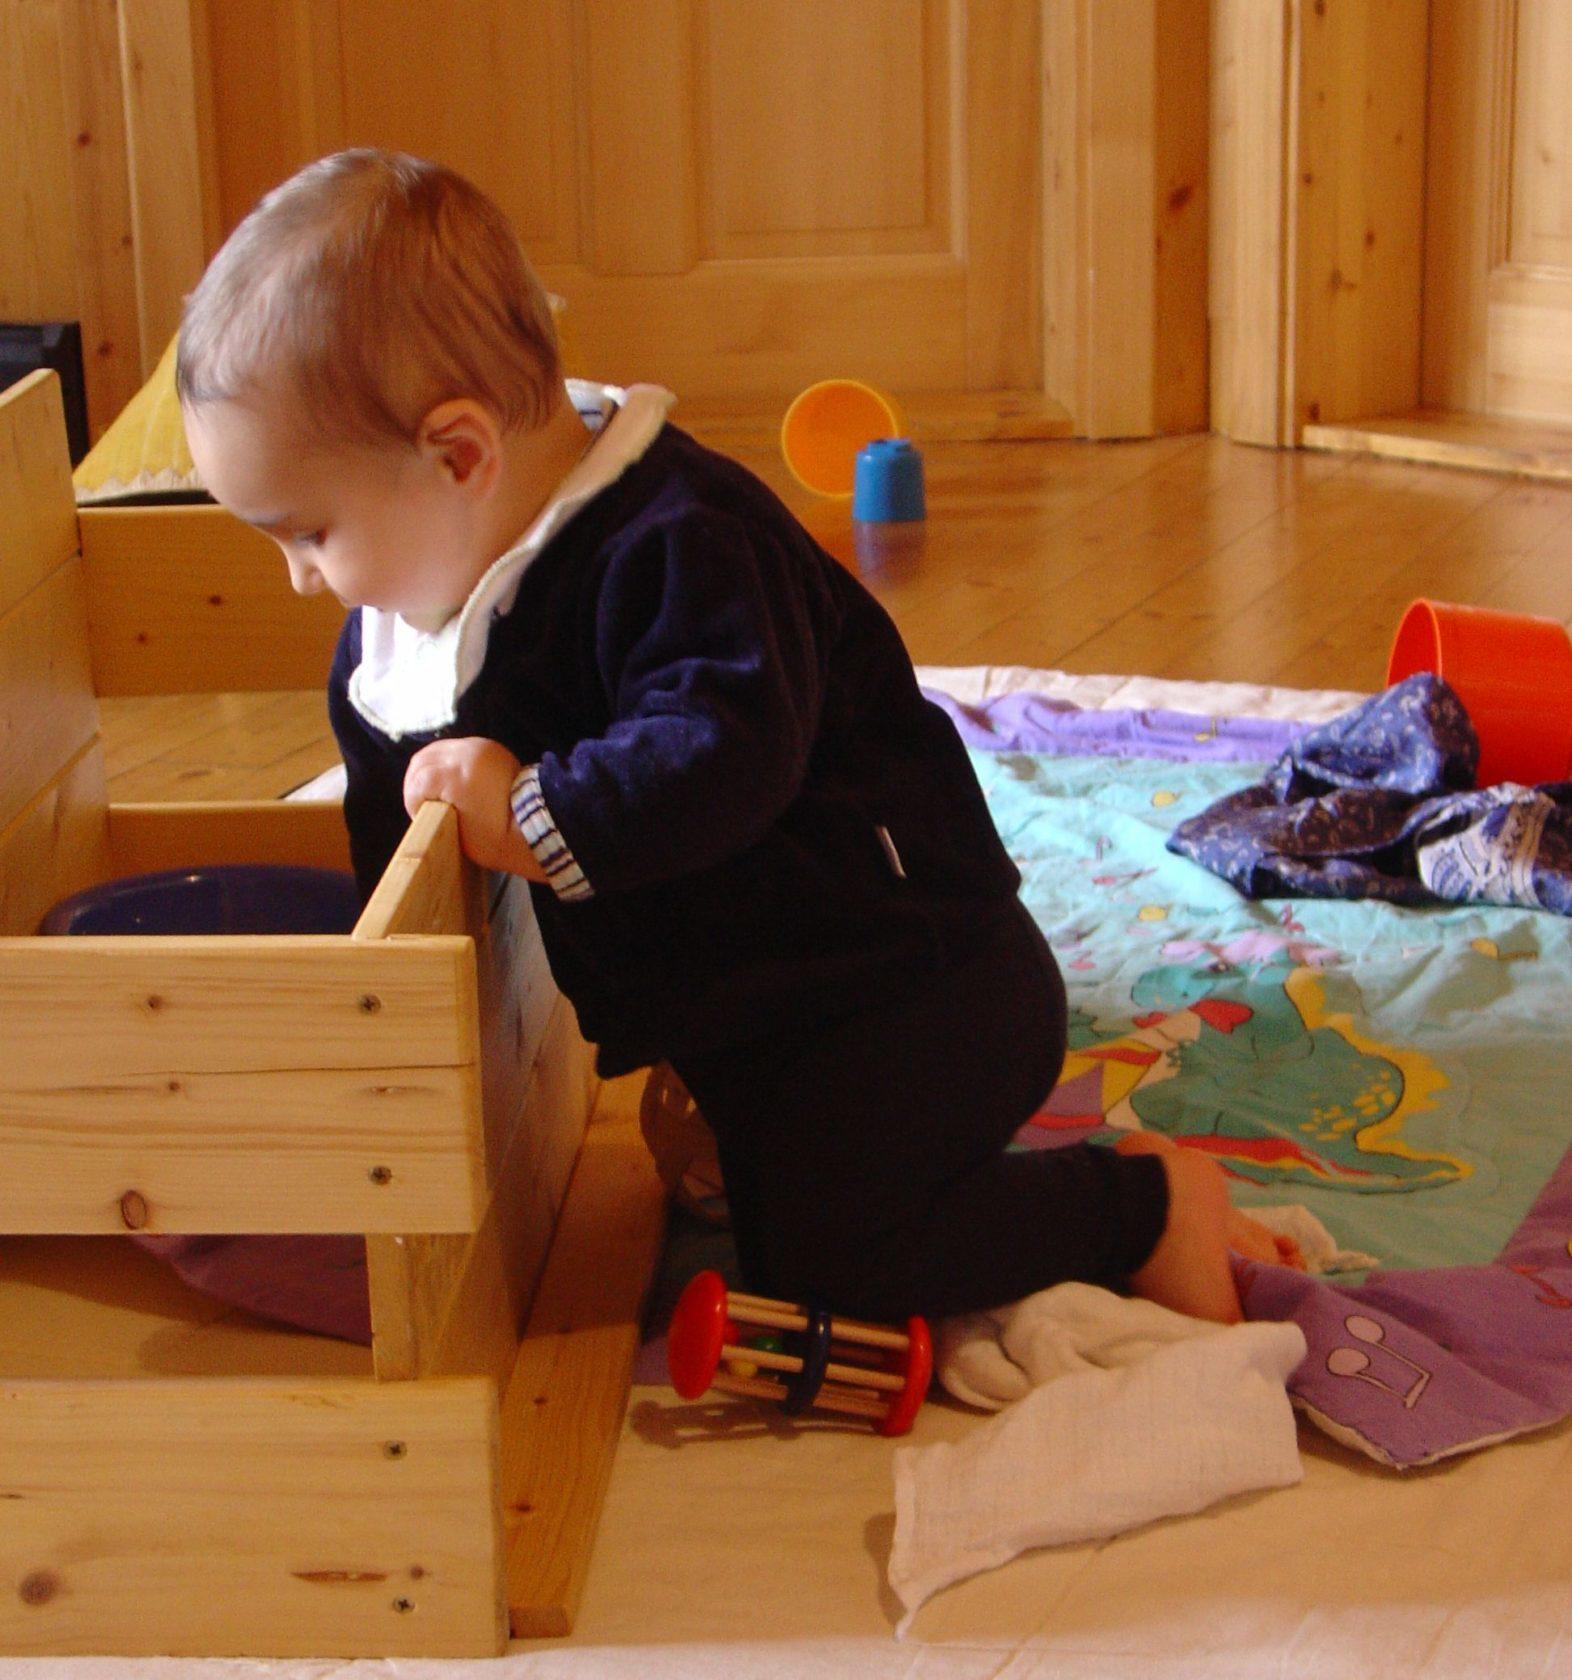 Baby zieht sich hoch und sitzt angelehnt auf den Knien.